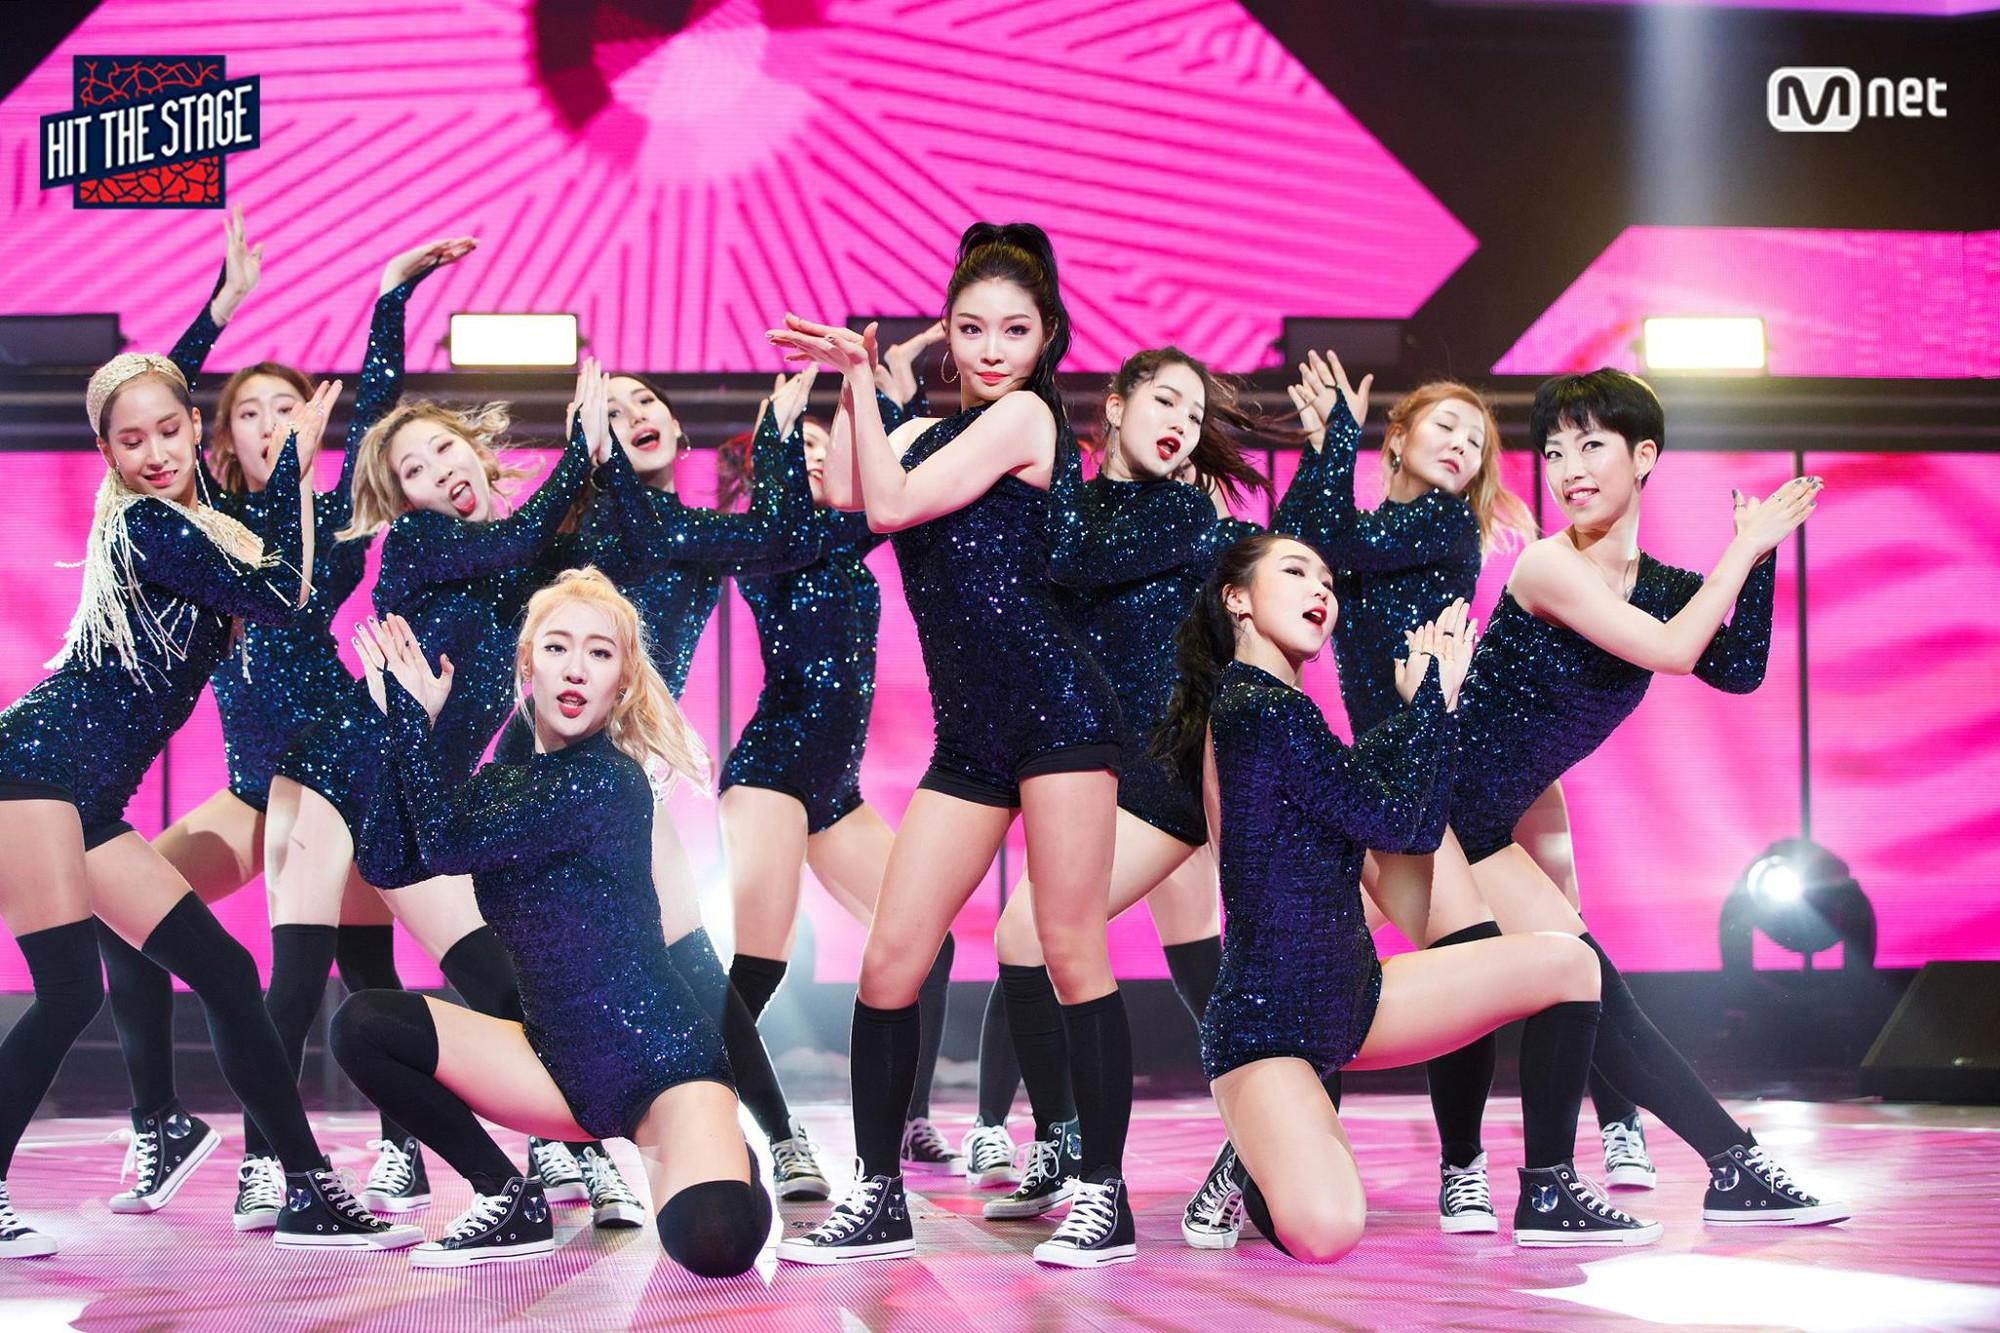 Những sân khấu vũ đạo đỉnh của đỉnh ghi dấu: Thời hoàng kim Kpop chỉ có thể là đây - Ảnh 7.